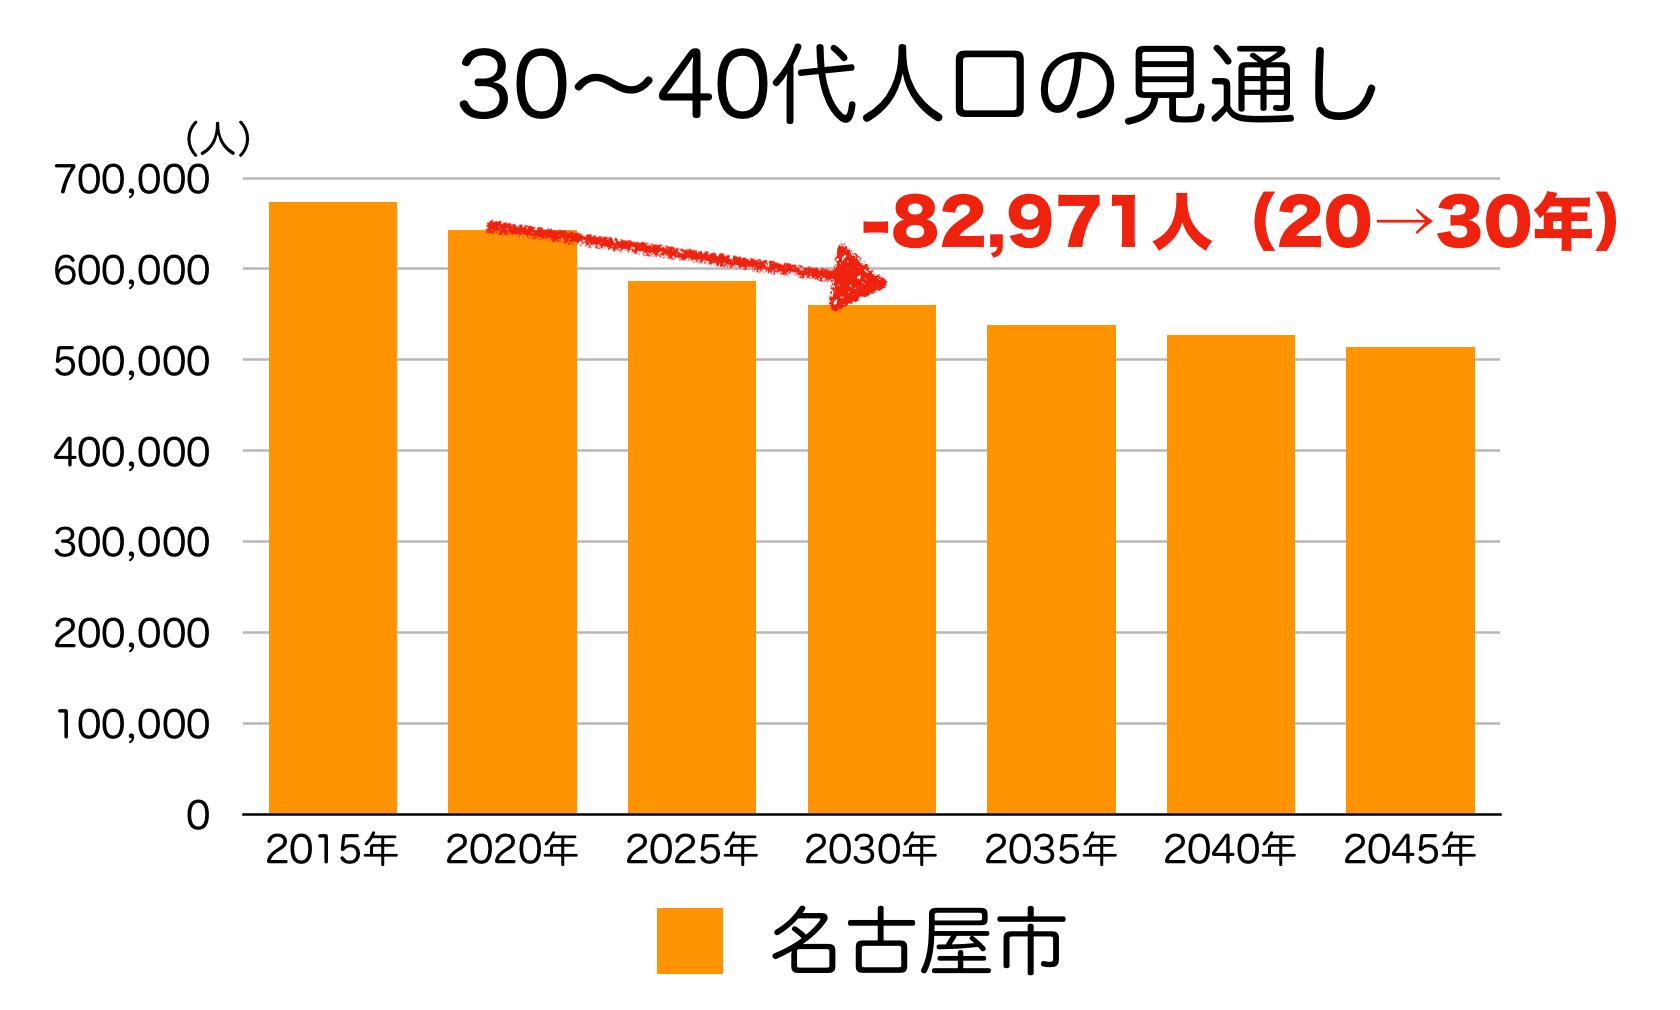 名古屋市の30〜40代人口の予測